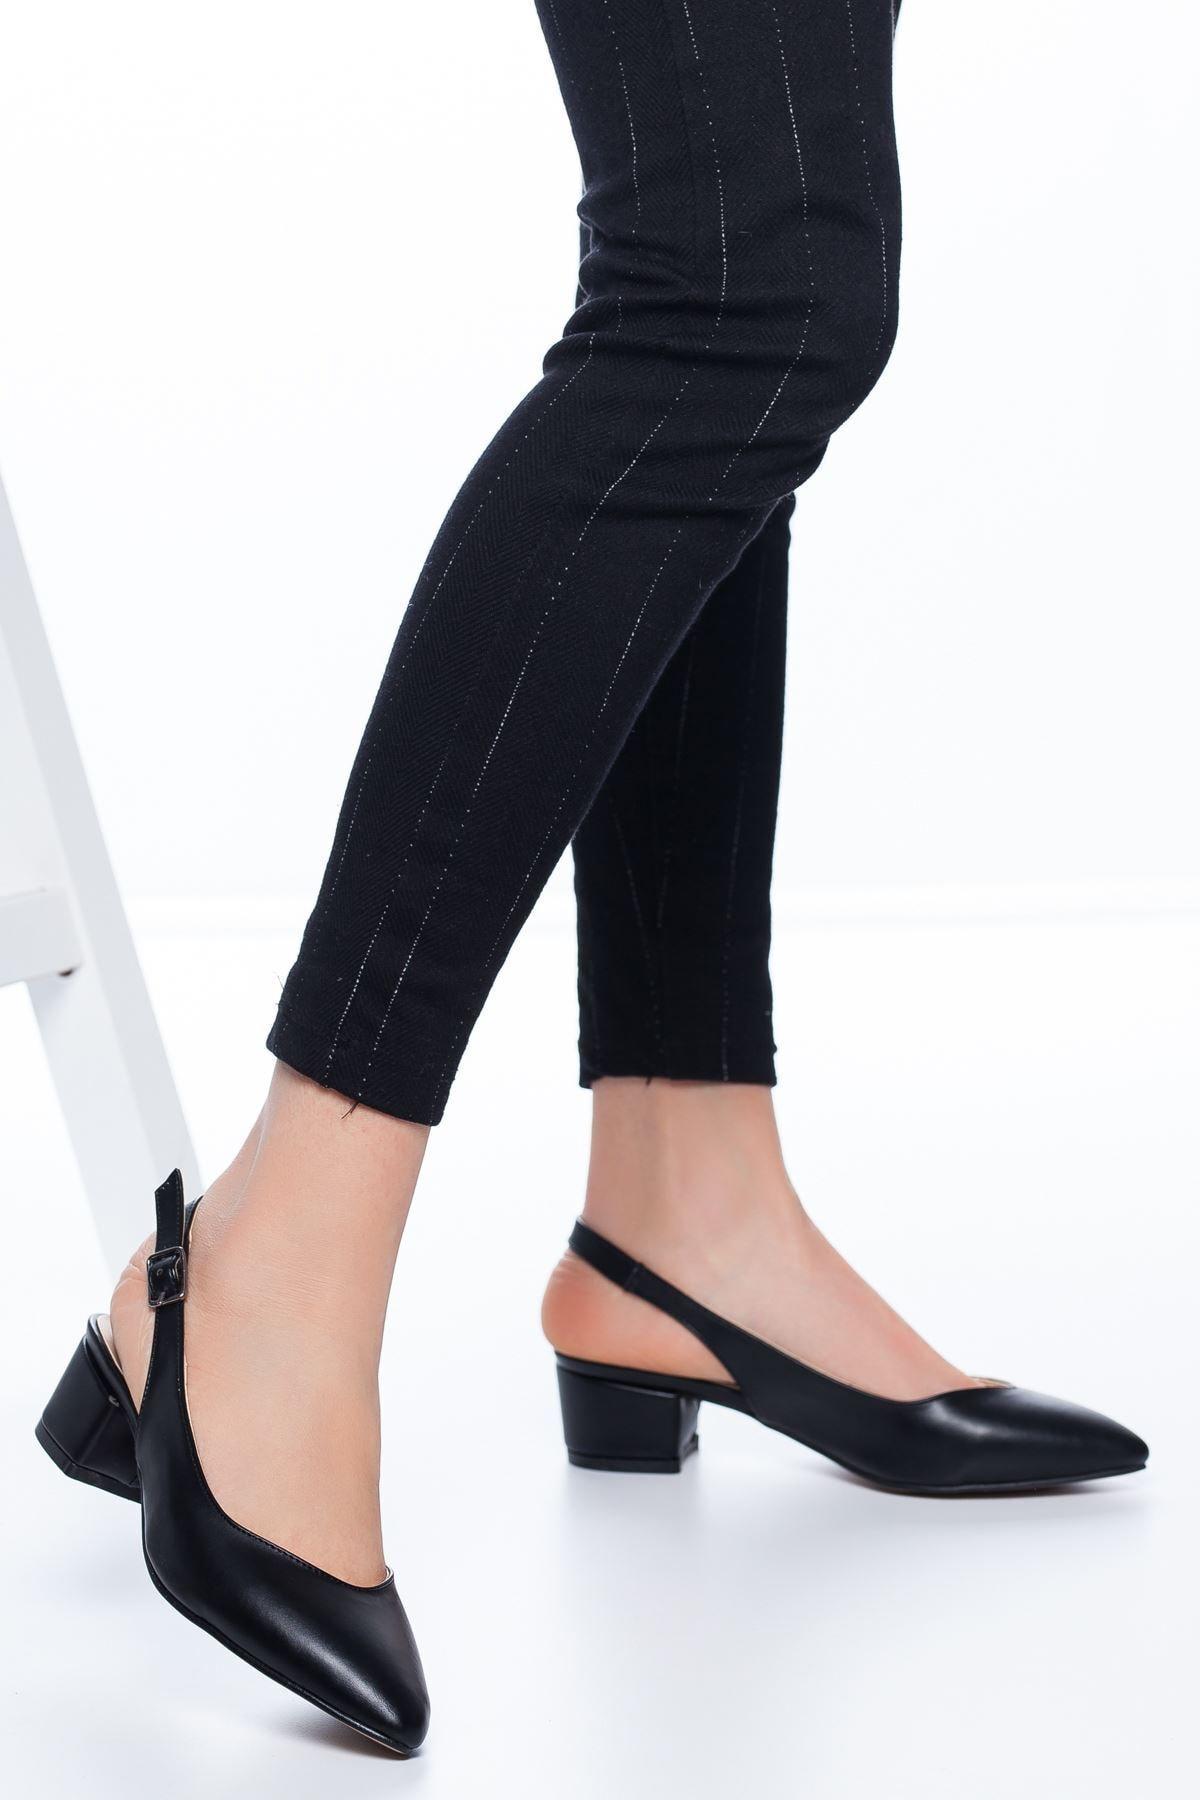 Adesa Topuklu Cilt Ayakkabı Siyah